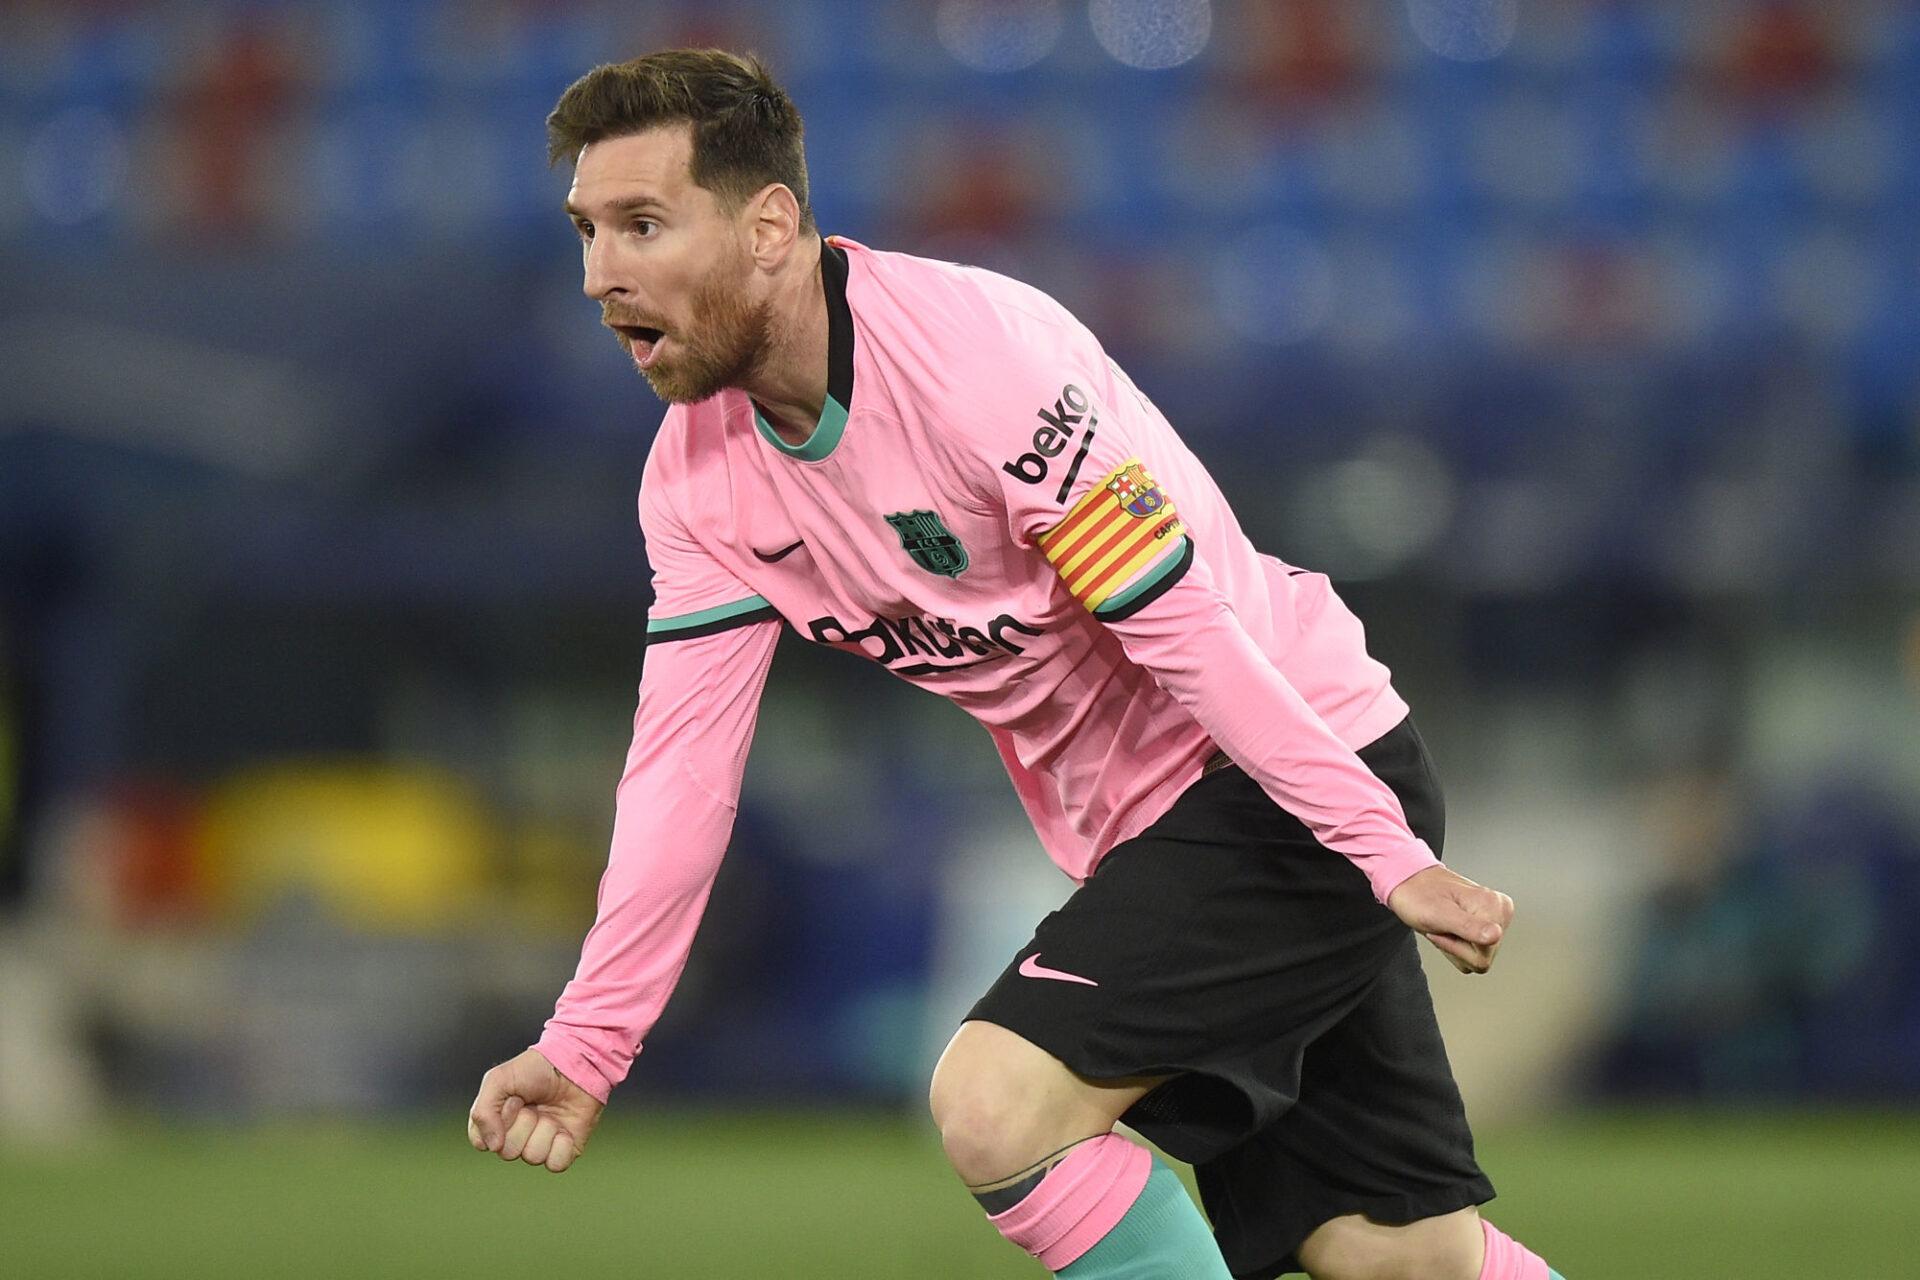 Lionel Messi a porté le Barça sur ses épaules, notamment lors de la deuxième partie de saison dernière. Avec 30 buts en Liga, il a terminé meilleur buteur du championnat. Icon Sport